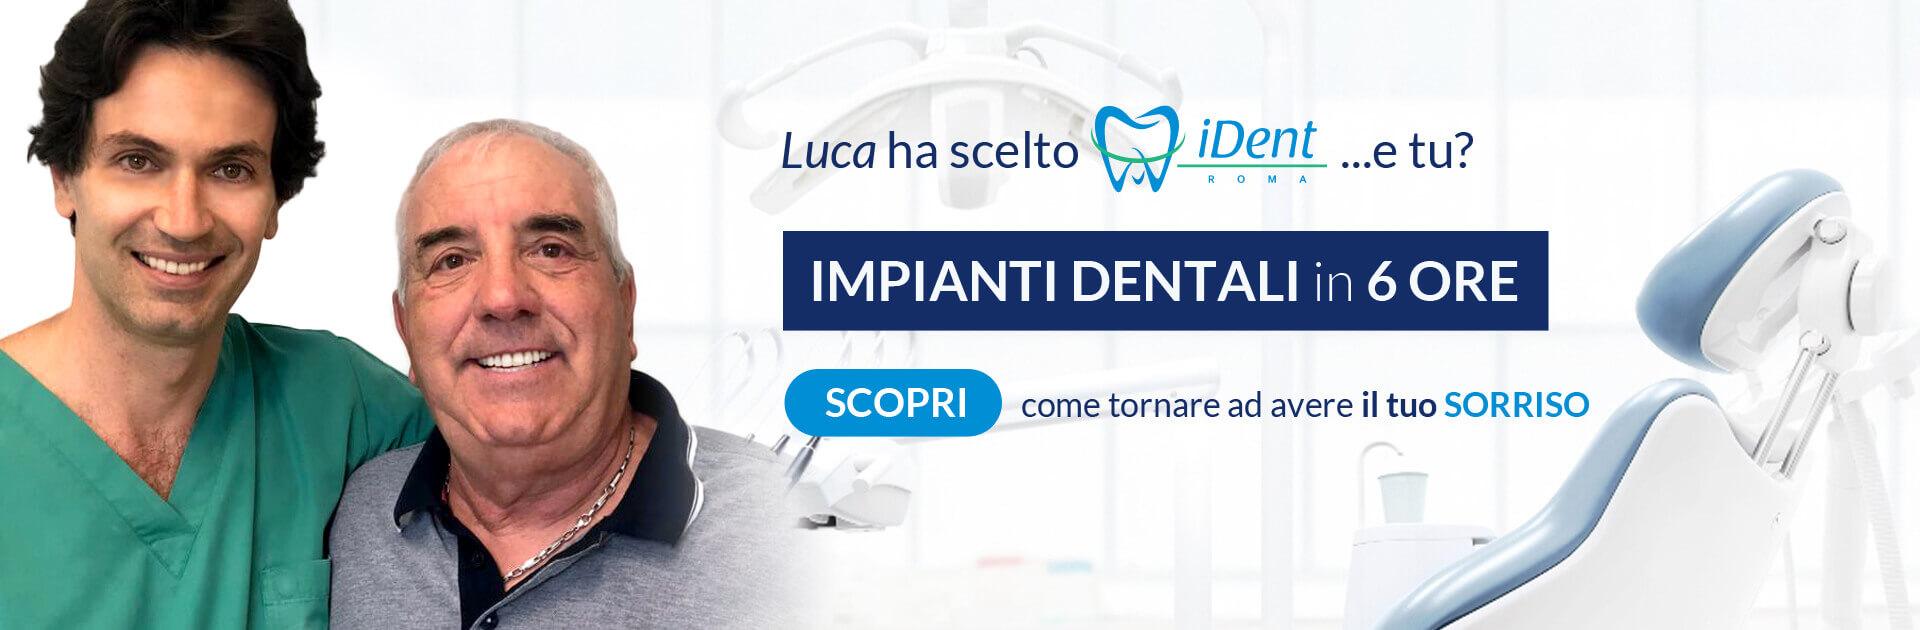 Impianti Dentali in 6 ore